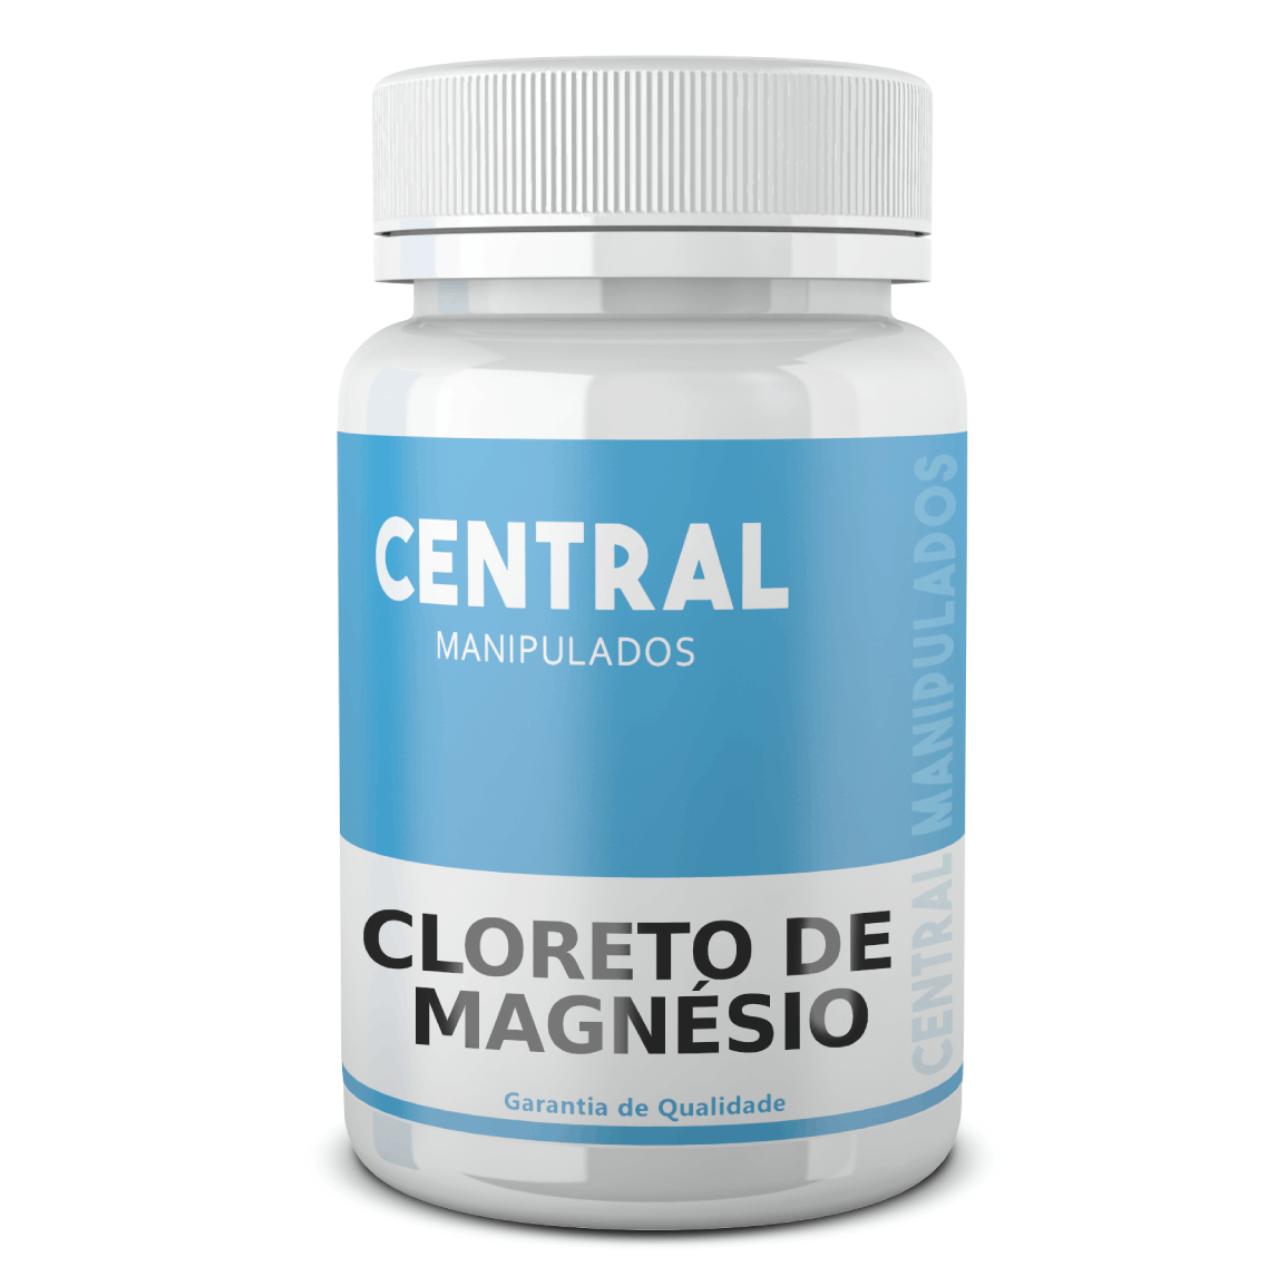 Cloreto de Magnésio 500mg - 60 Cápsulas - Previne a hipertensão, cálculos renais e doenças cardíacas